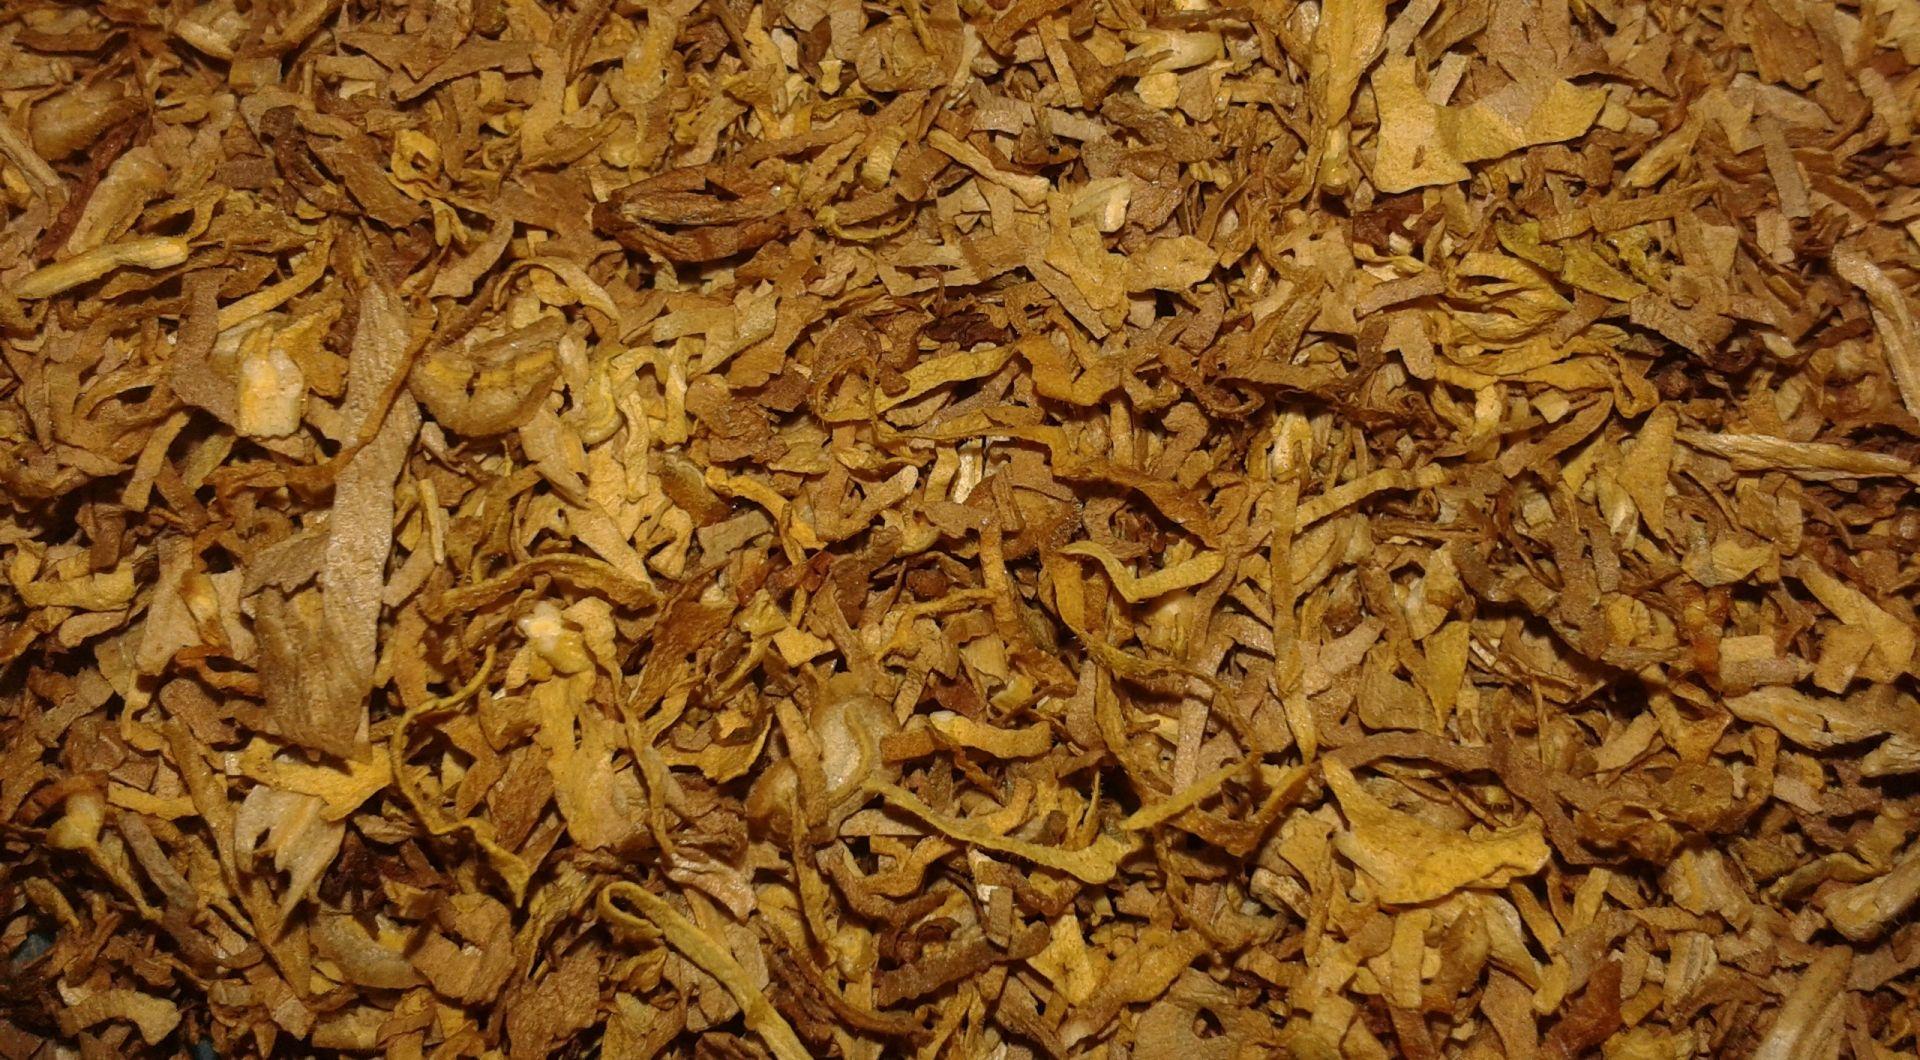 OSIJEK U kući pronašli tonu i pol duhana namijenjenog za neovlaštenu preprodaju